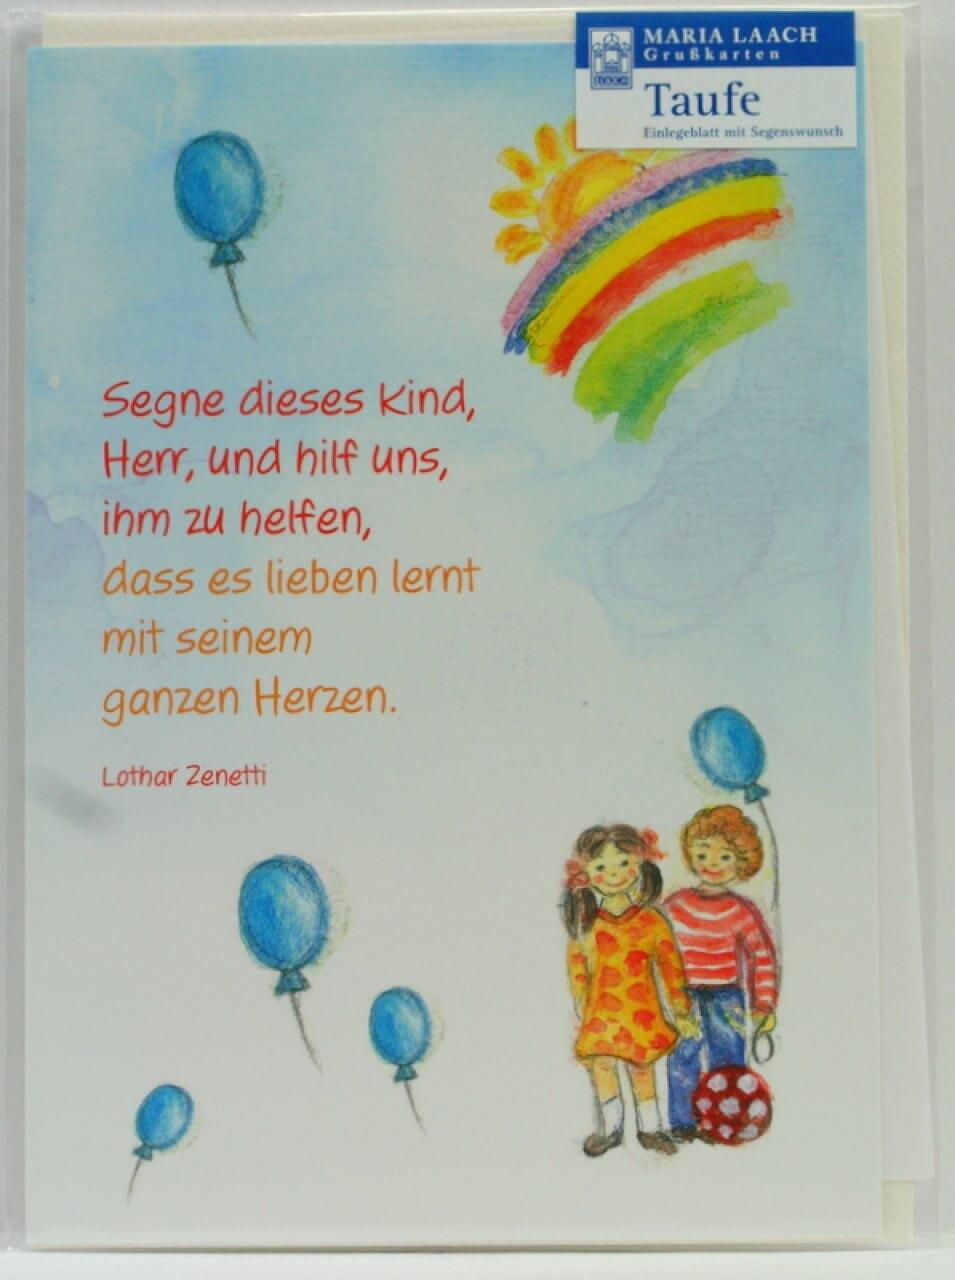 Spruch Zur Taufe Karte.Karte Zur Taufe Schreiben Design Einladungskarten Zur Taufe Spruch